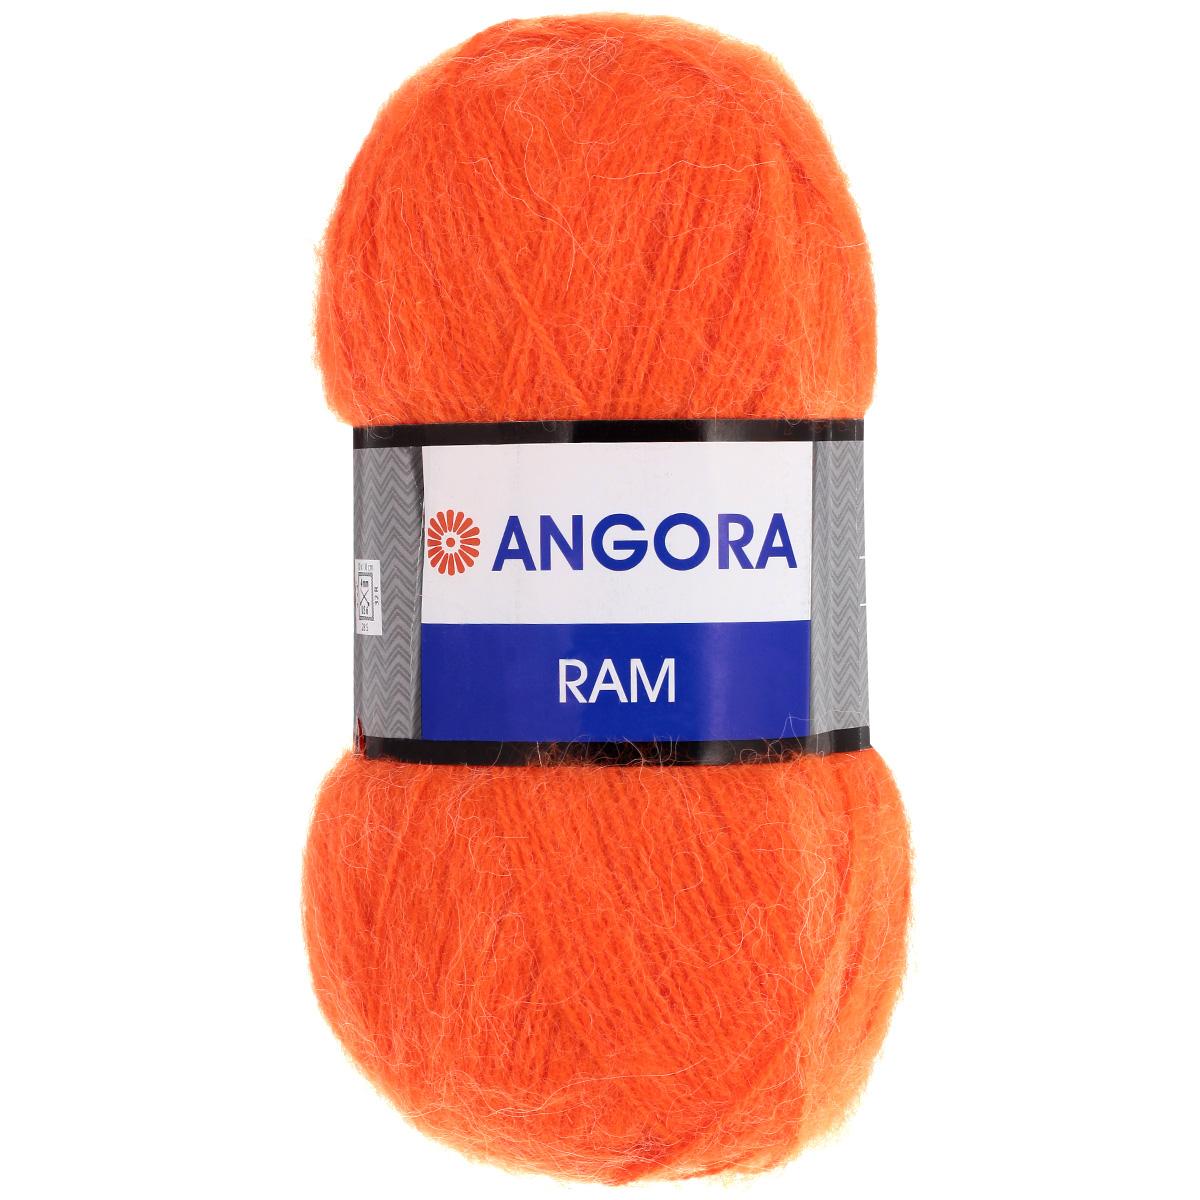 Пряжа для вязания YarnArt Angora Ram, цвет: ярко-оранжевый (206), 500 м, 100 г, 5 шт372037_206Пряжа для вязания YarnArt Angora Ram изготовлена из натурального мохера с добавлением акрила. Пряжа из такого материала обладает повышенной прочностью и эластичностью, а изделия получаются теплые и уютные. Скрутка нити плотная, равномерная, не расслаивается, не путается, хорошо скользит по спицам, вяжется очень легко. Петли выглядят аккуратно, а натуральный мохер обеспечивает теплоту, легкость и превосходный внешний вид. Нить можно комбинировать с полушерстяными пряжами для смягчения рисунка, придания благородной пушистости фактуре нити, а также для улучшения тепловых характеристик. Благодаря содержанию синтетических волокон, изделия из YarnArt Angora Ram устойчивы к скатыванию, а благодаря своей мягкости такая пряжа подходит для детских вещей. Ажурные вещи сохраняют тепло не хуже плотного вязания, оставаясь легкими и объемными. Рекомендуемый размер спиц: №4. Примерный расход пряжи на джемпер: S - 400 г, M - 500 г, L - 600 г. Состав: 40%...